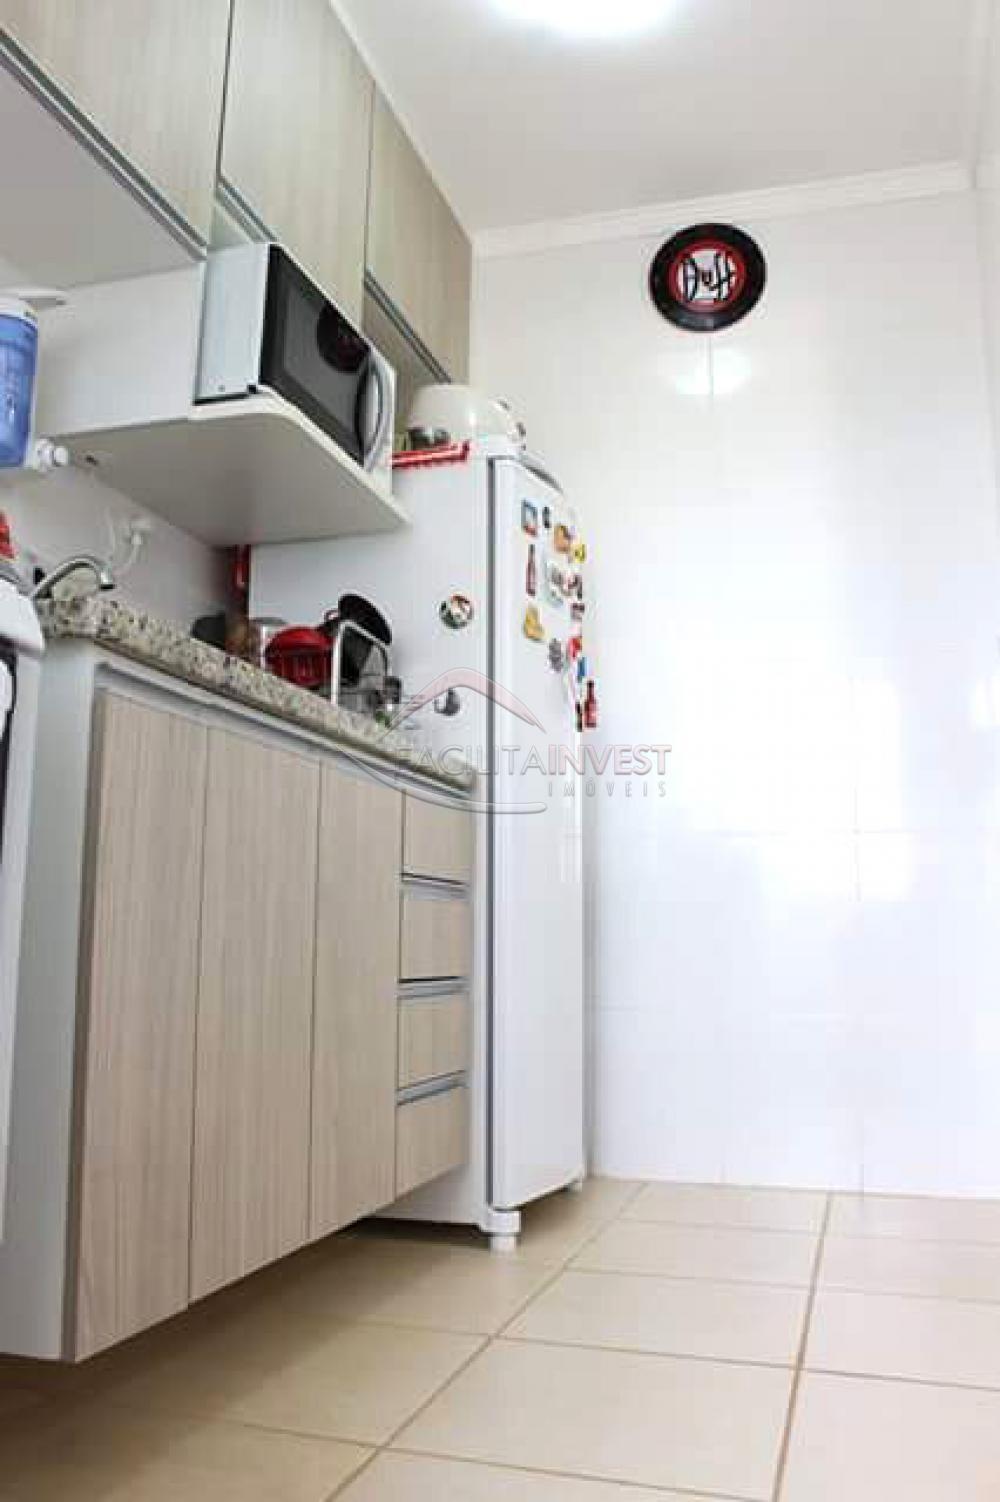 Comprar Apartamentos / Apart. Padrão em Ribeirão Preto apenas R$ 199.000,00 - Foto 6